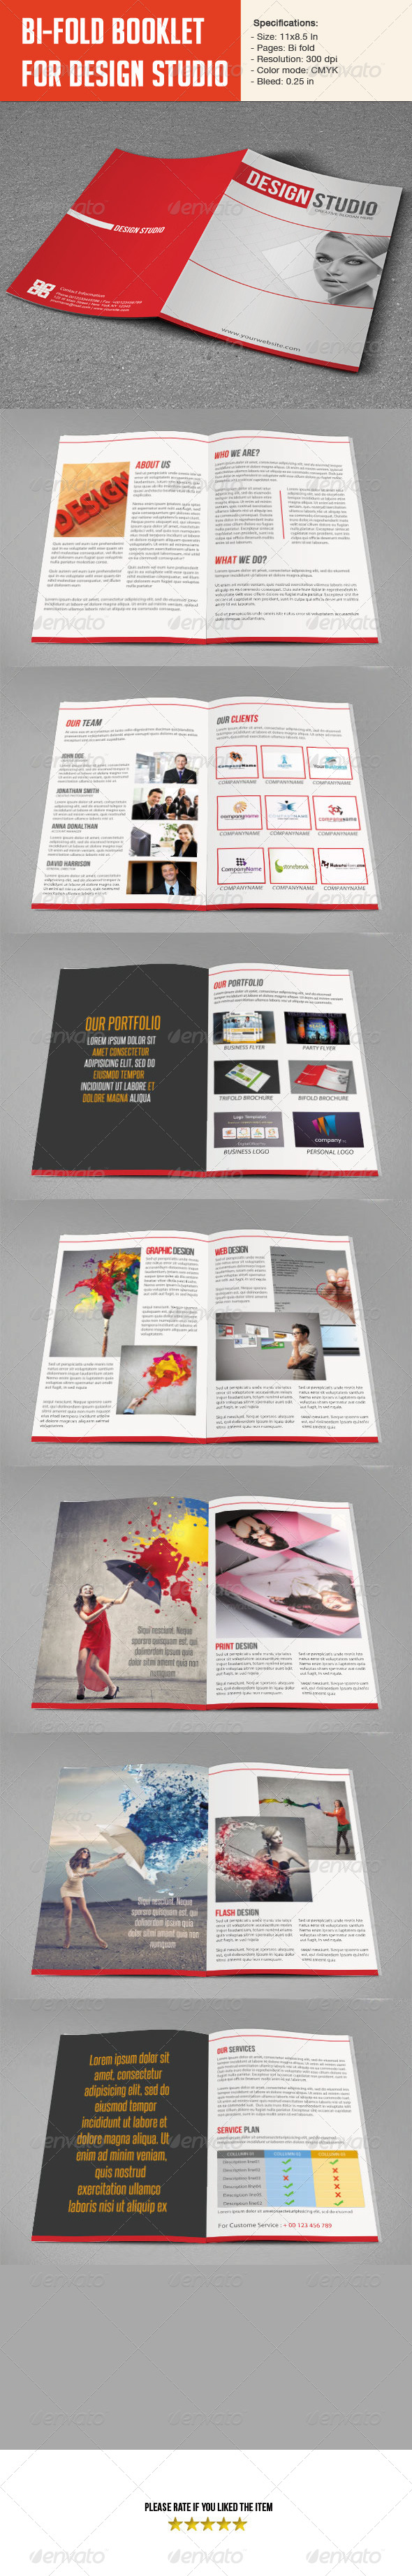 GraphicRiver Bifold Brochure for Design Studio 5794247